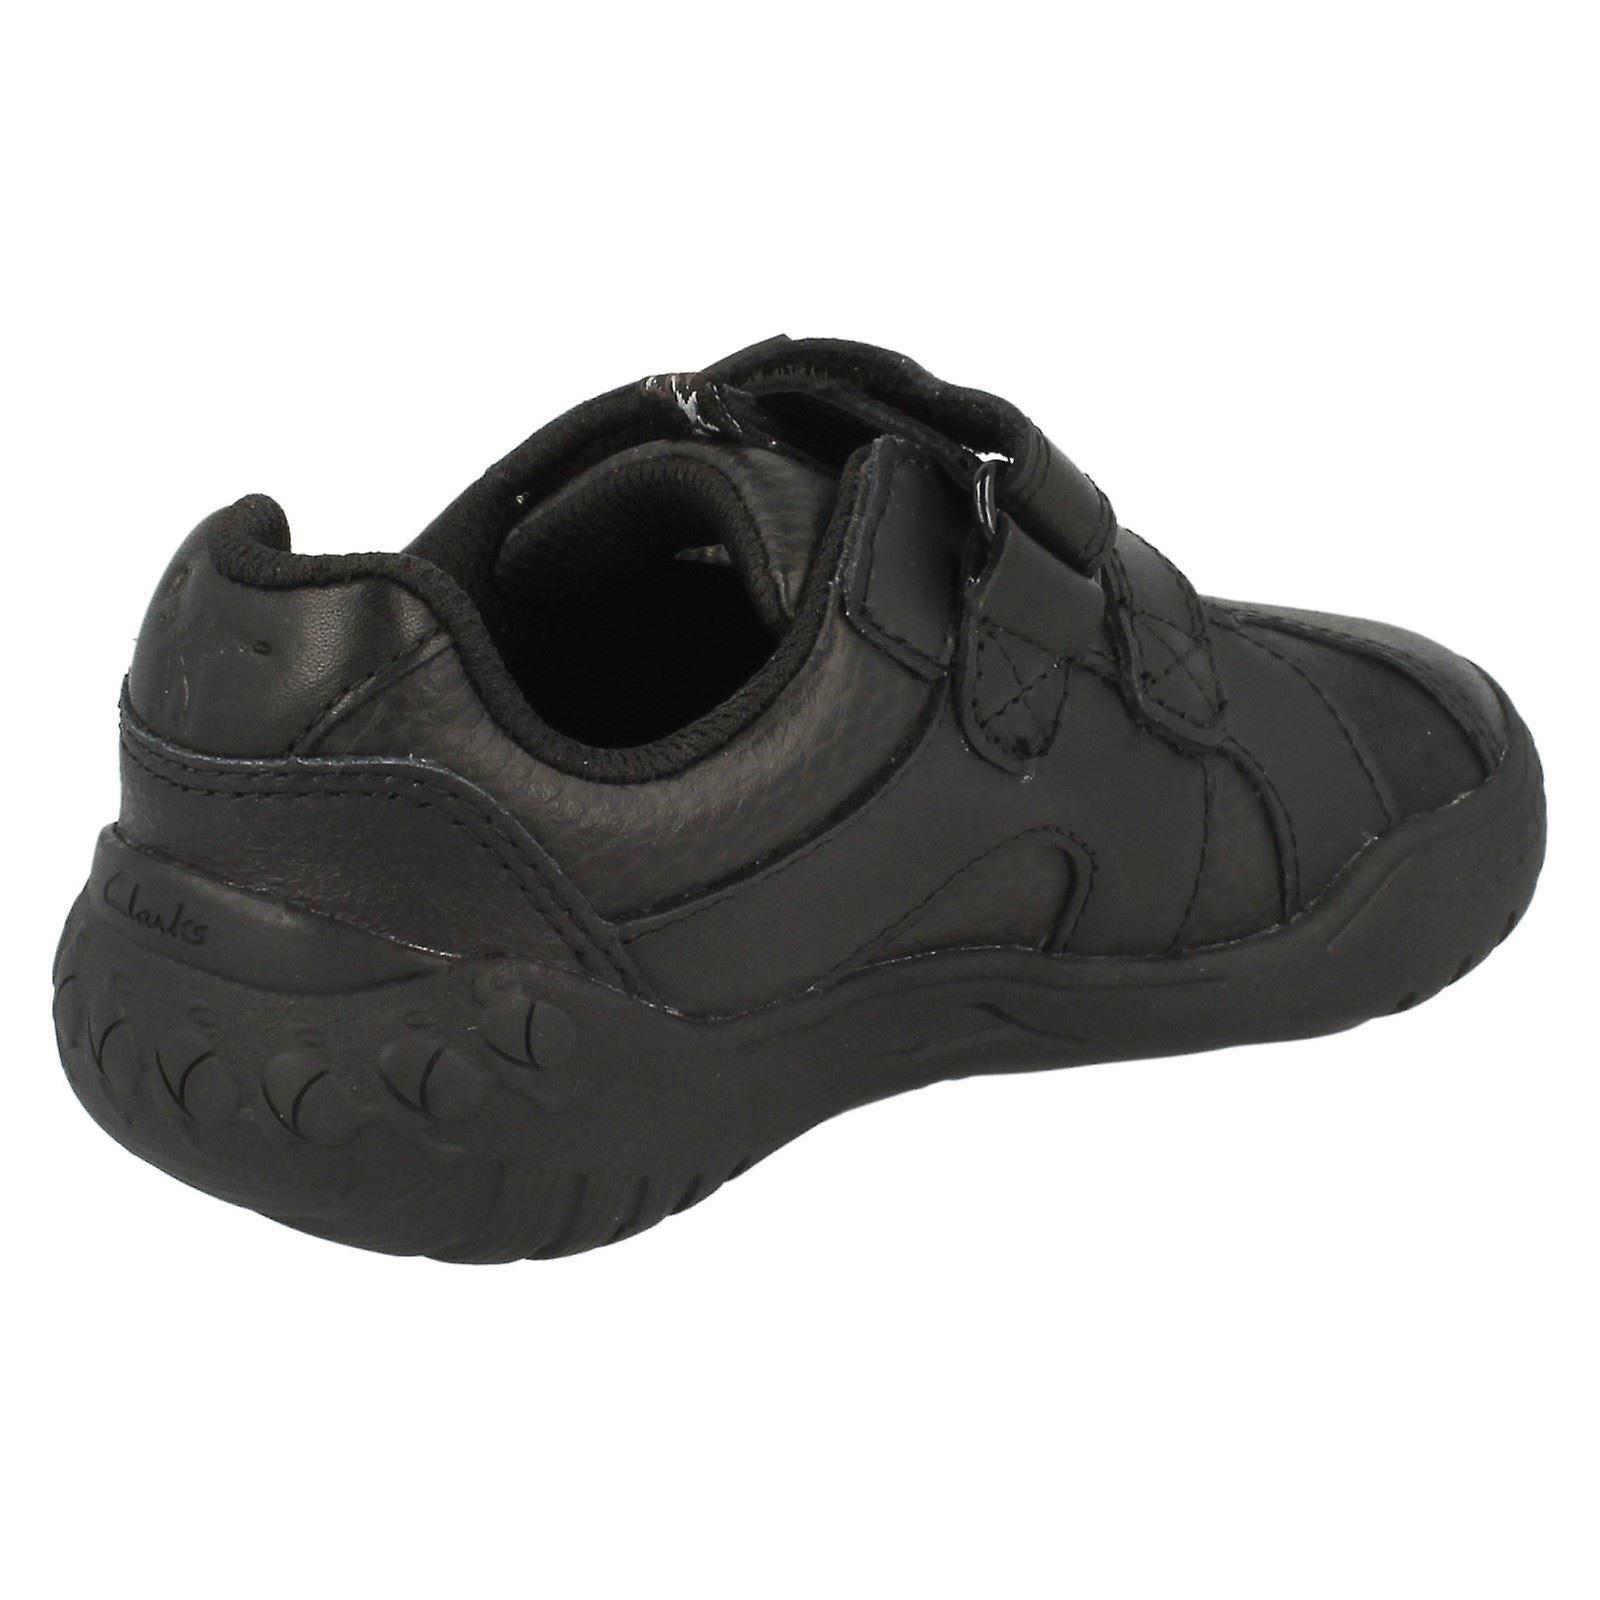 Boys Clarks School Shoes /'Stomp Roar/'